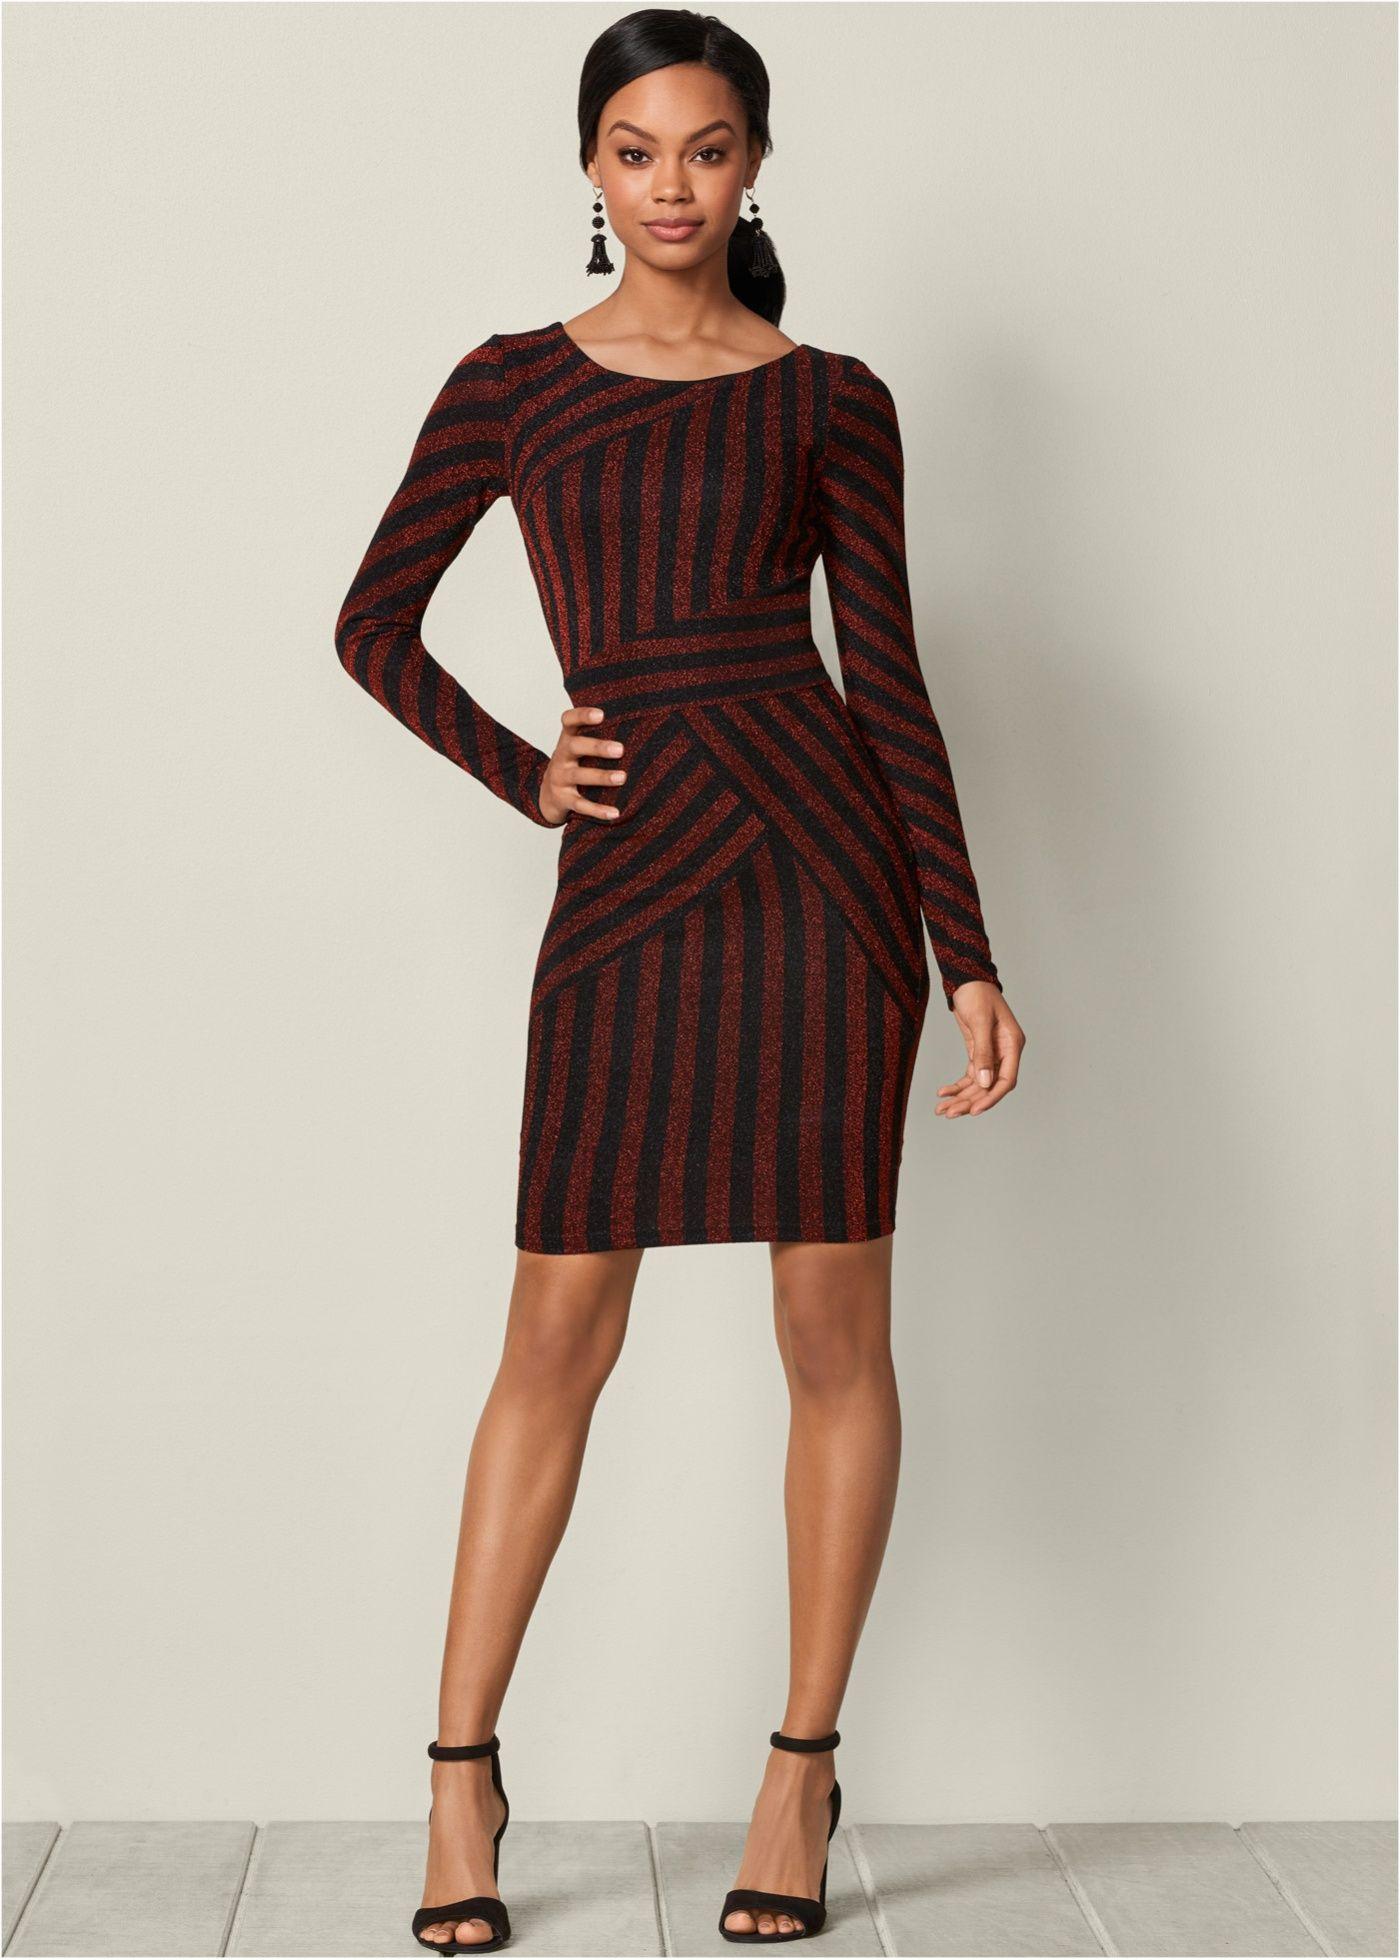 Kleid | Streifen, wunderschönes Kleid und Online shops